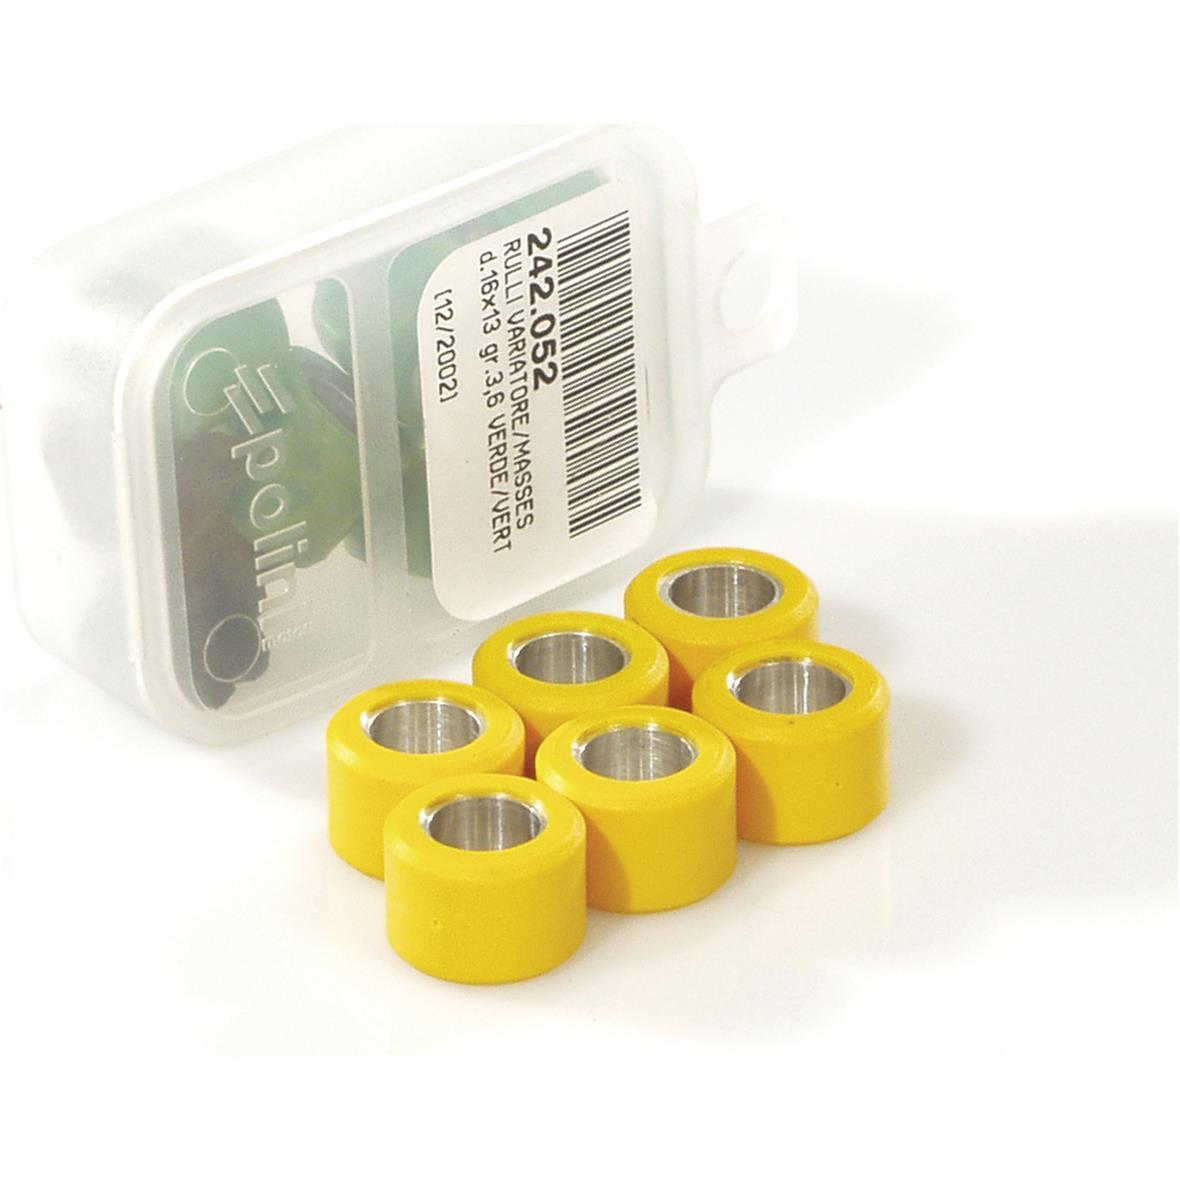 Produktbild für 'Variatorrollen POLINI 20x12 mm 14,1g'